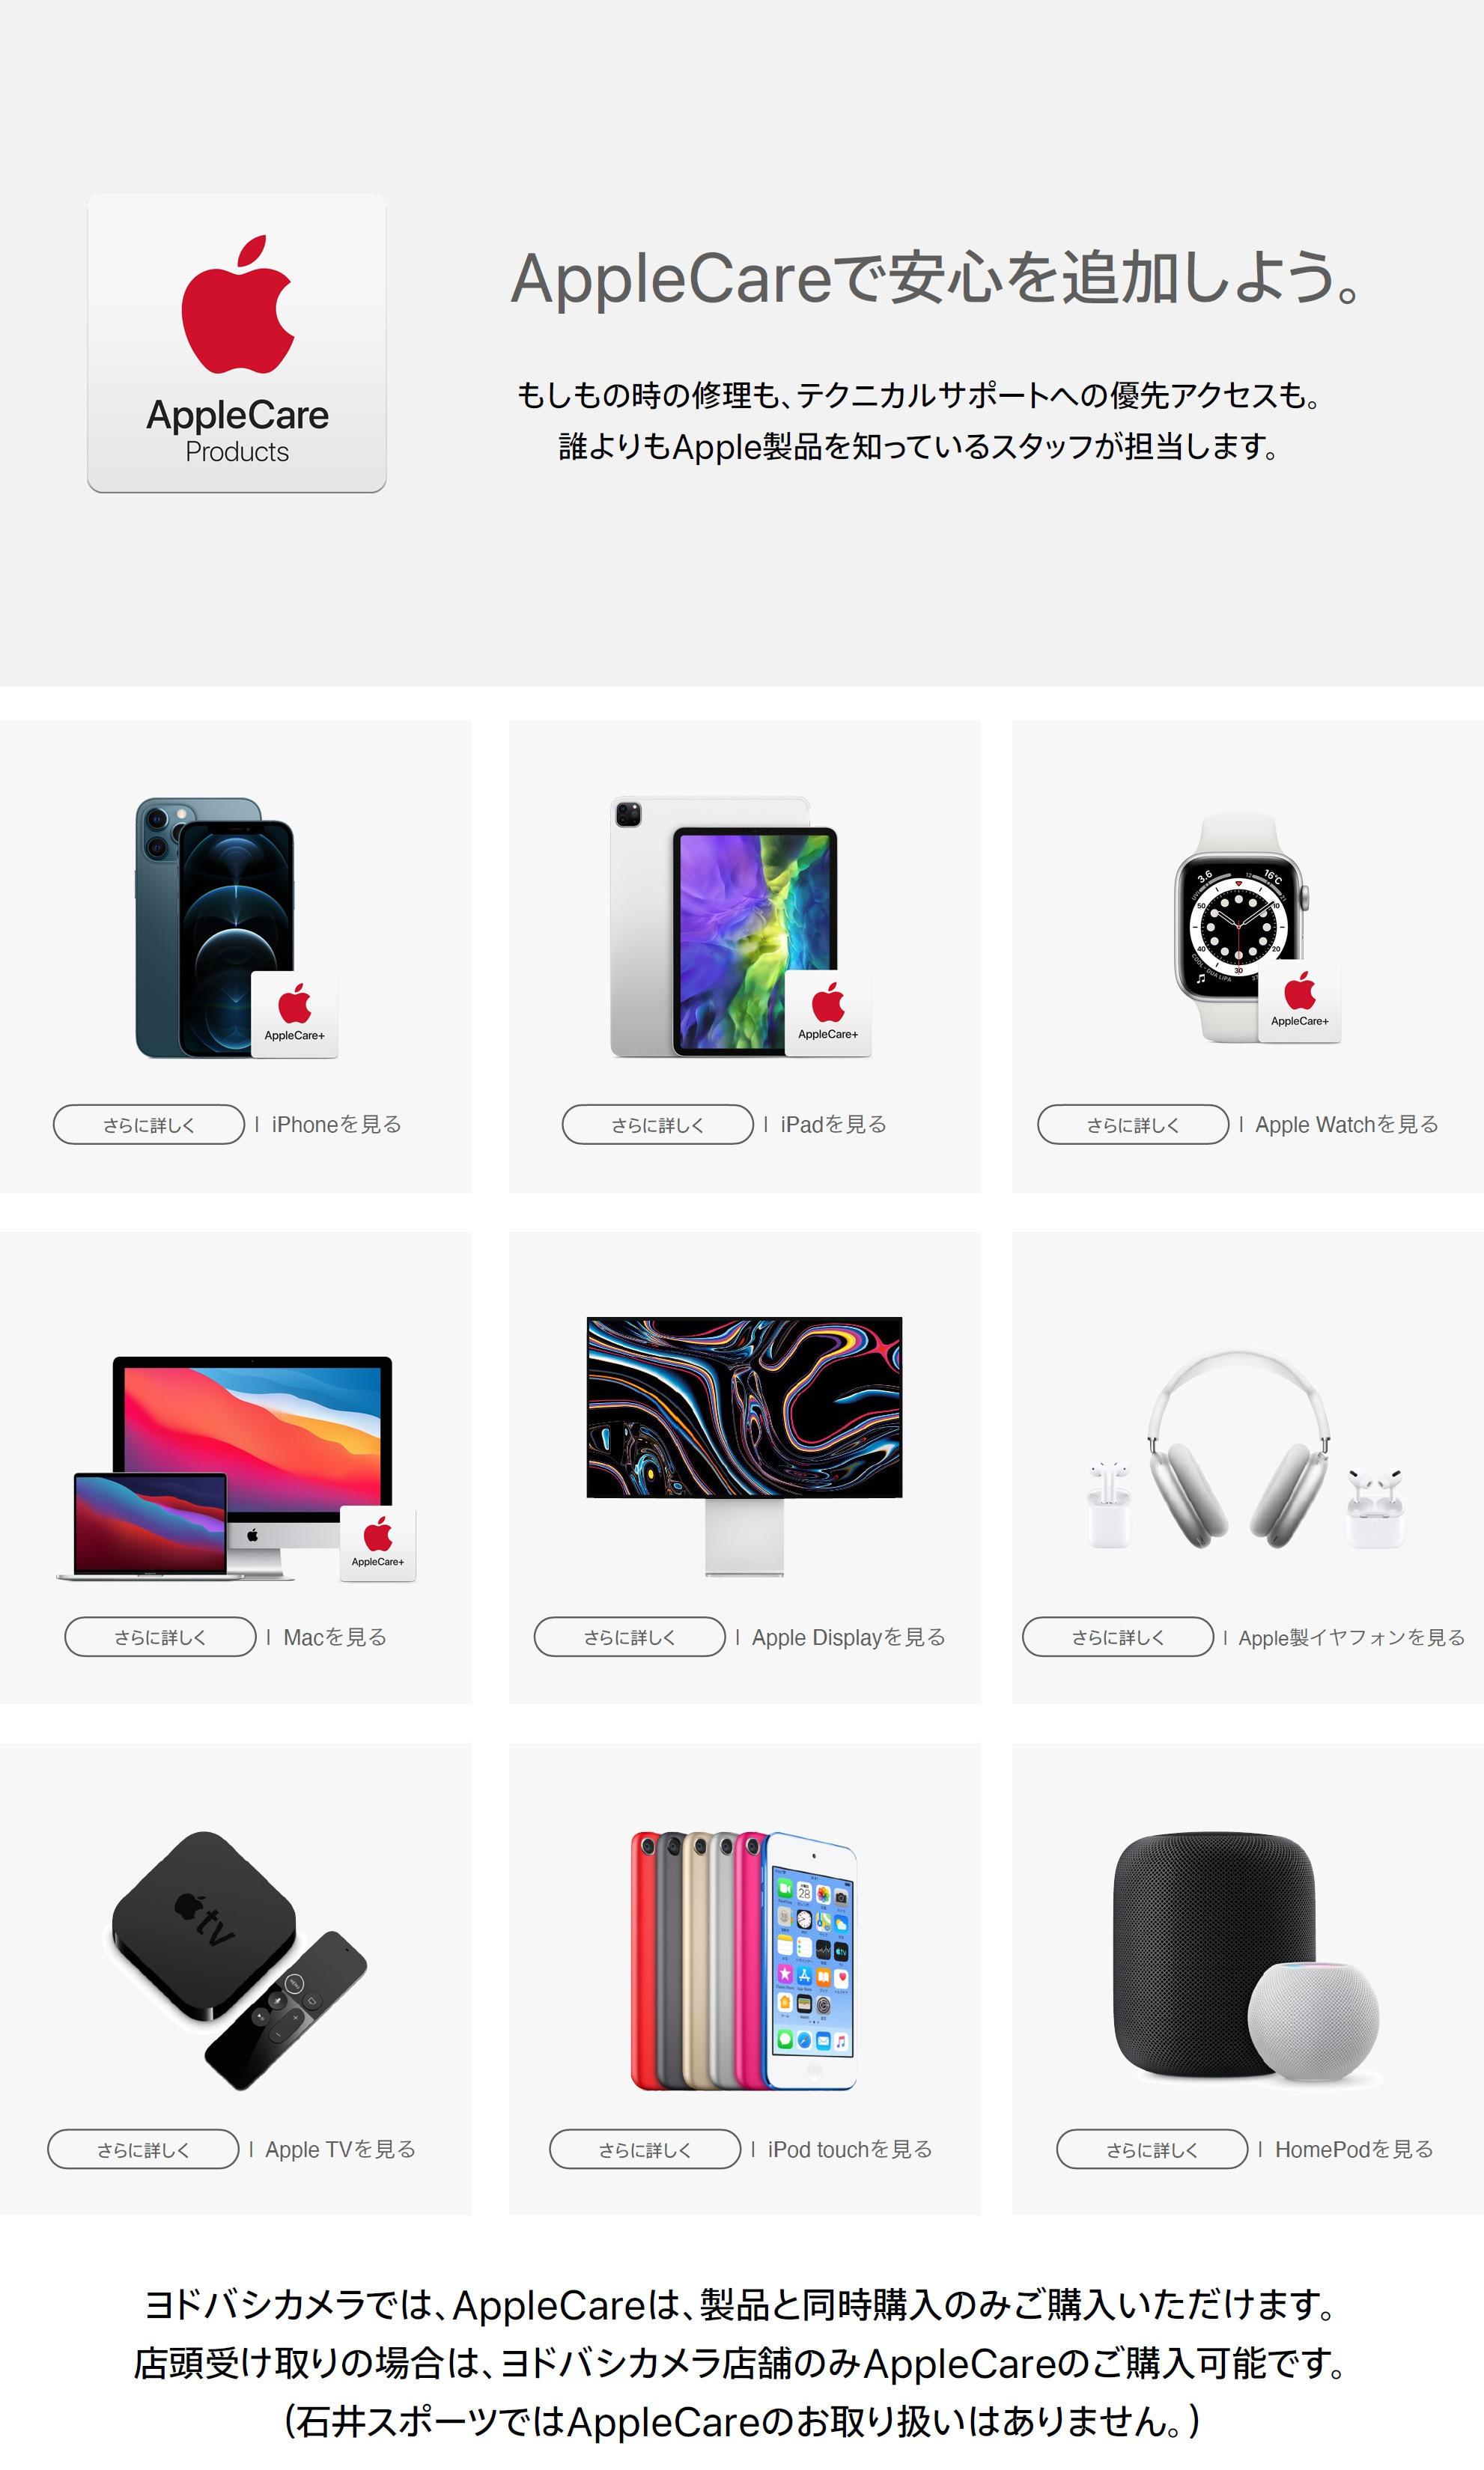 AppleCare+ for iPhoneで安心を追加しよう。